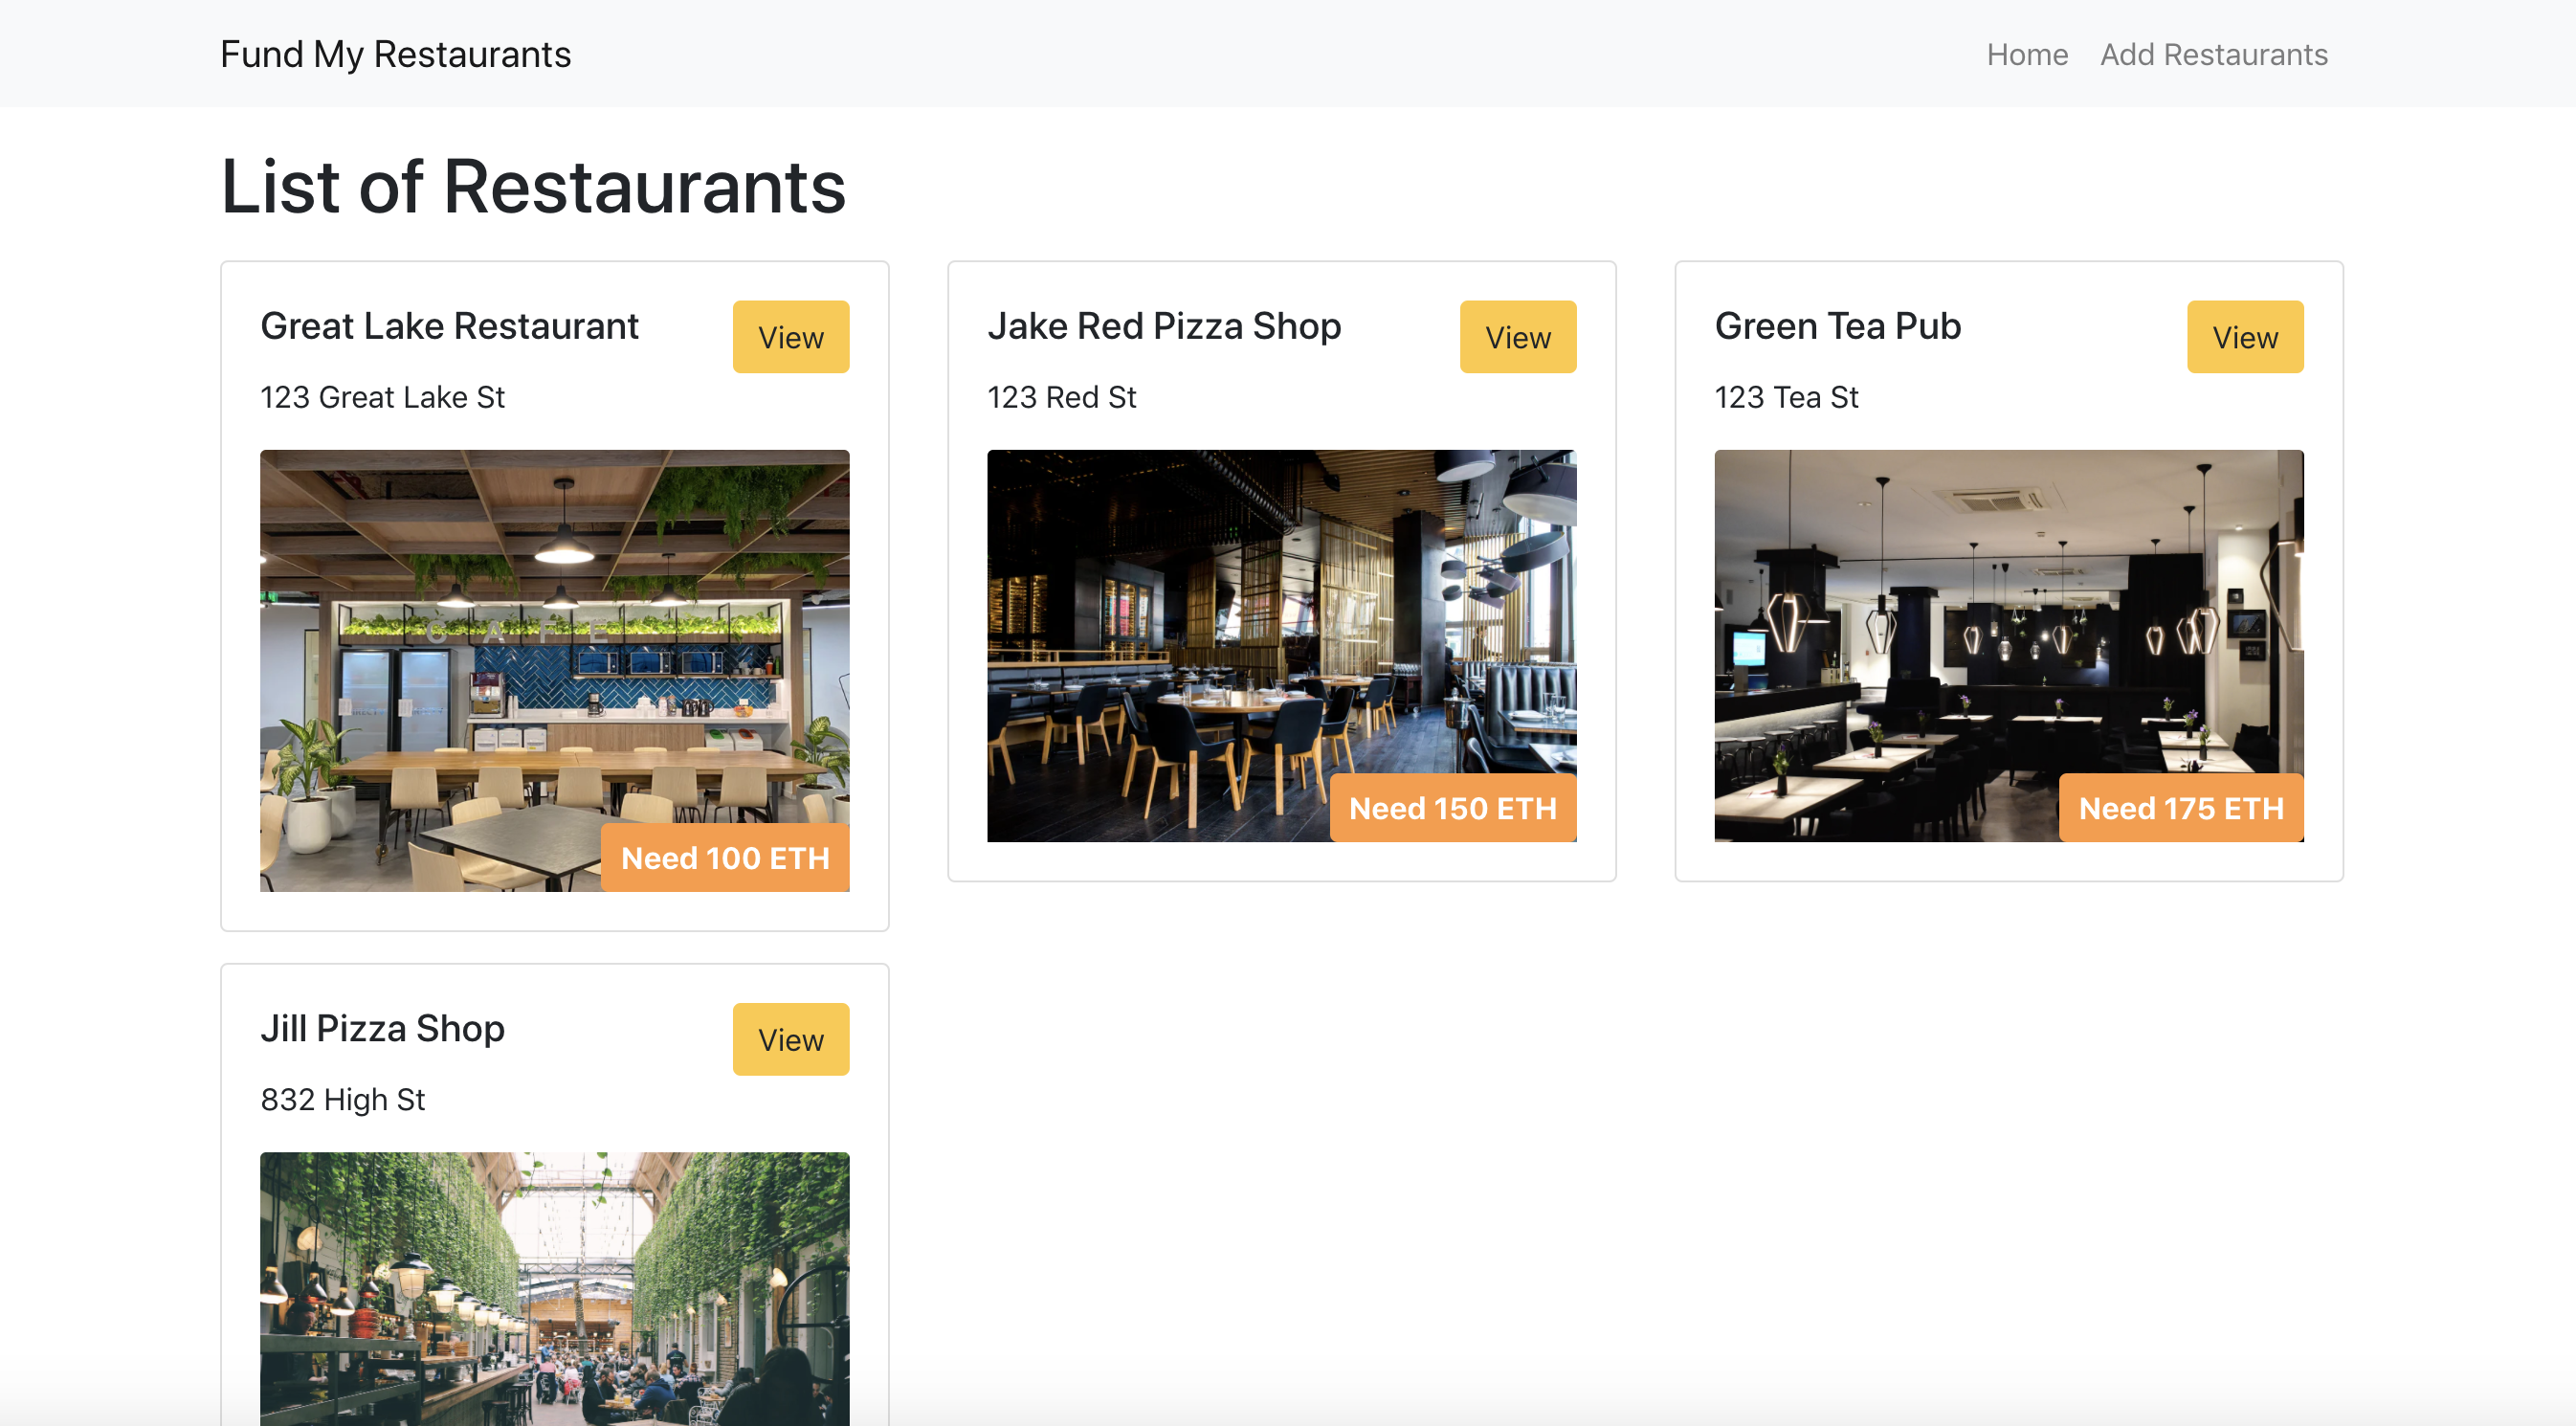 Fund The Restaurants showcase